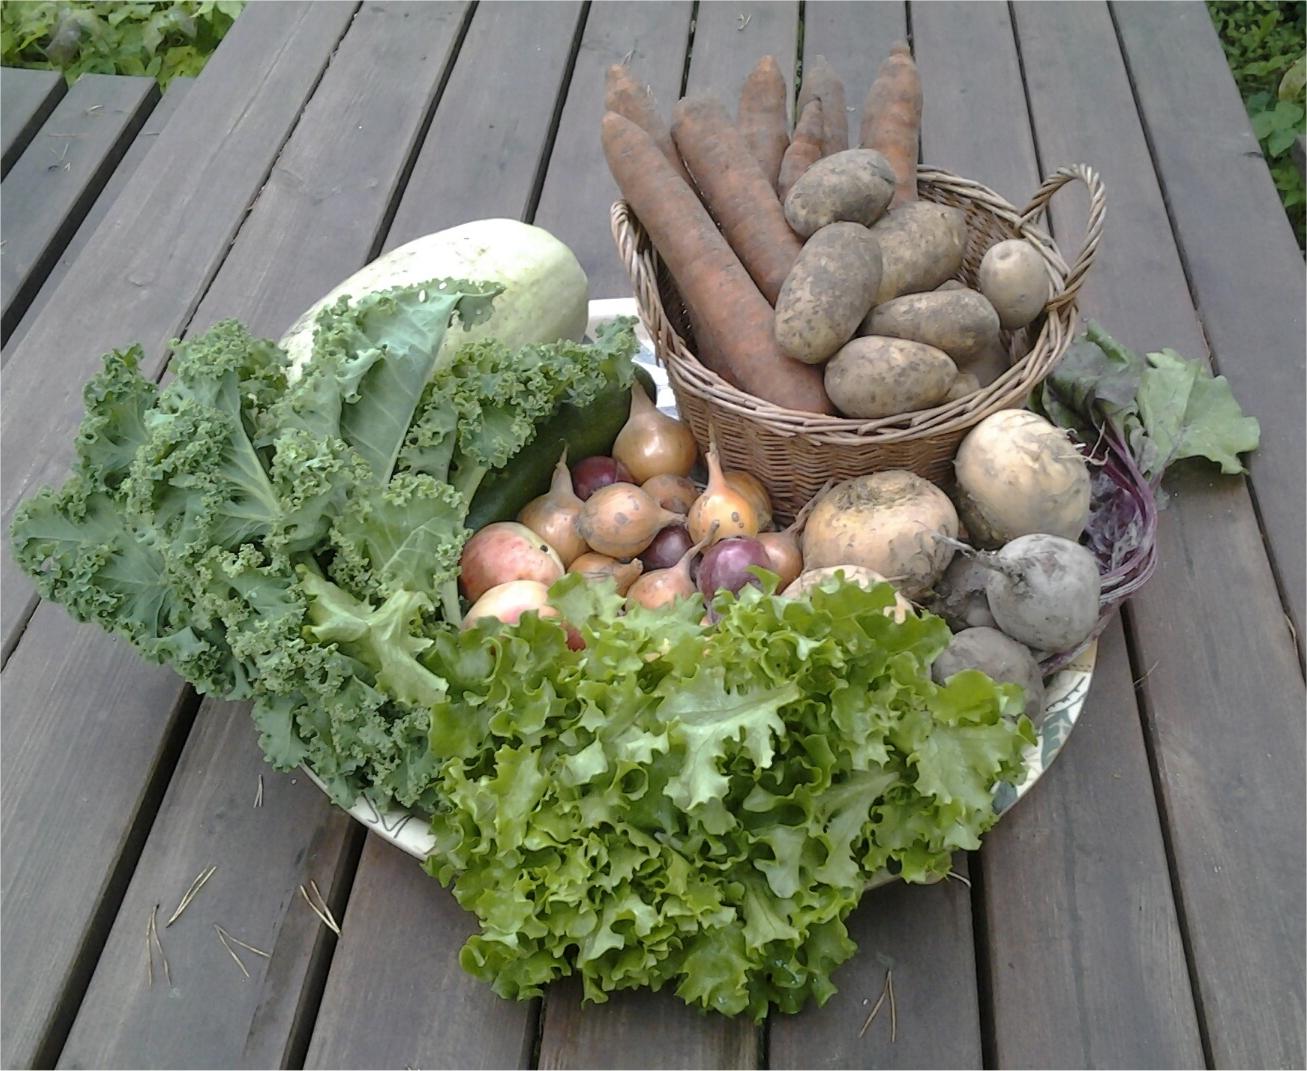 Perunat 1005 g, porkkanat 1446 g, punajuuret 407 g, salaatti 105 g, lehtikaali 163 g, omenat 237 g, kurpitsa 1362 g, kesäkurpitsa 288 g, lantut 801 g, keltasipulit 383 g ja punasipulit 152 g.